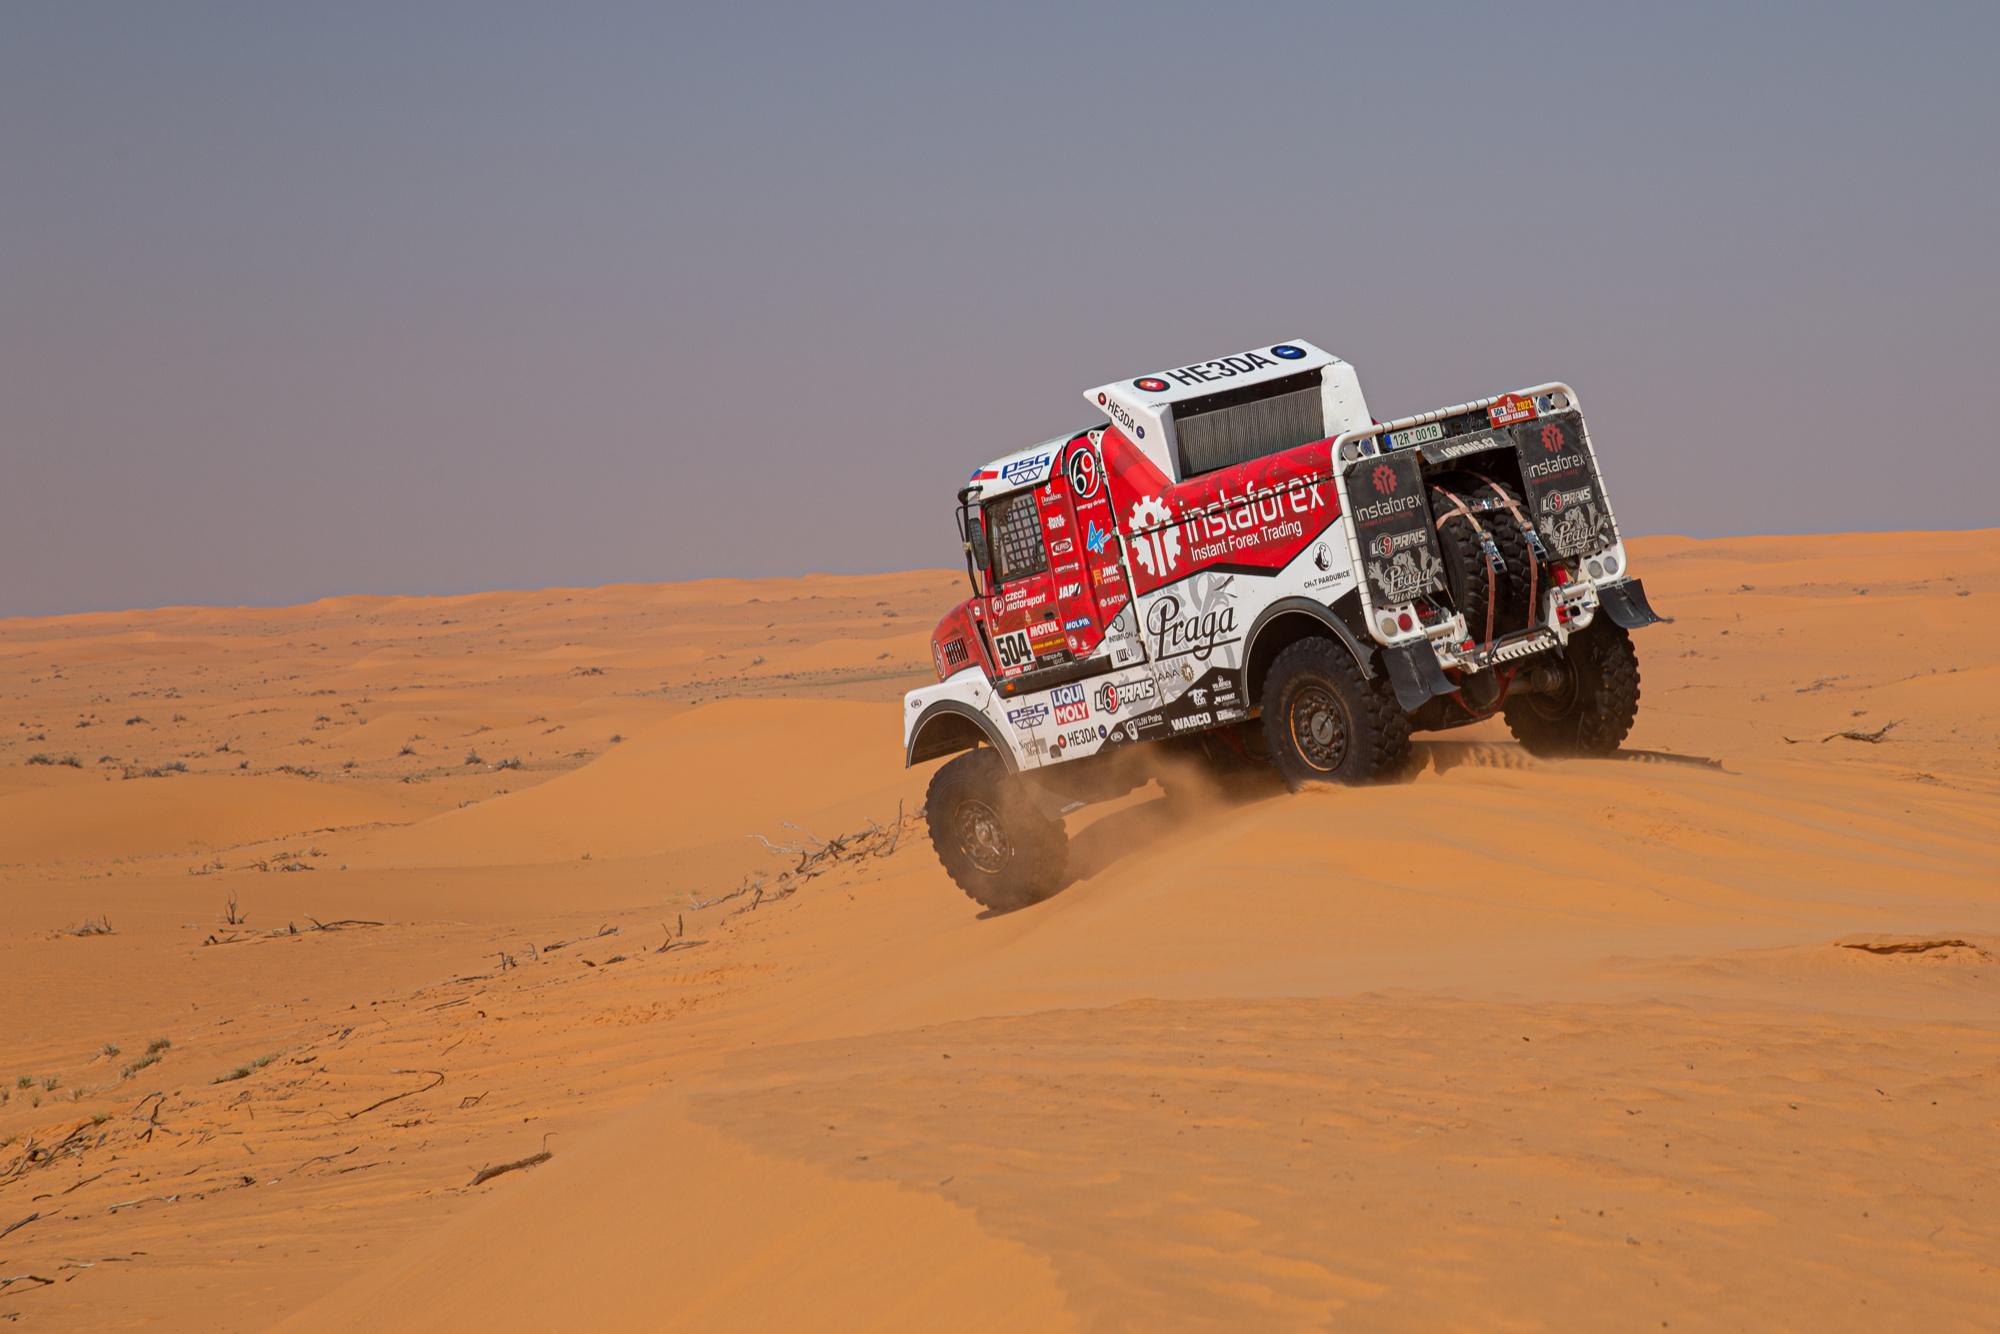 2021 Dakar is halfway through, Aleš Loprais is 5 minutes from podium